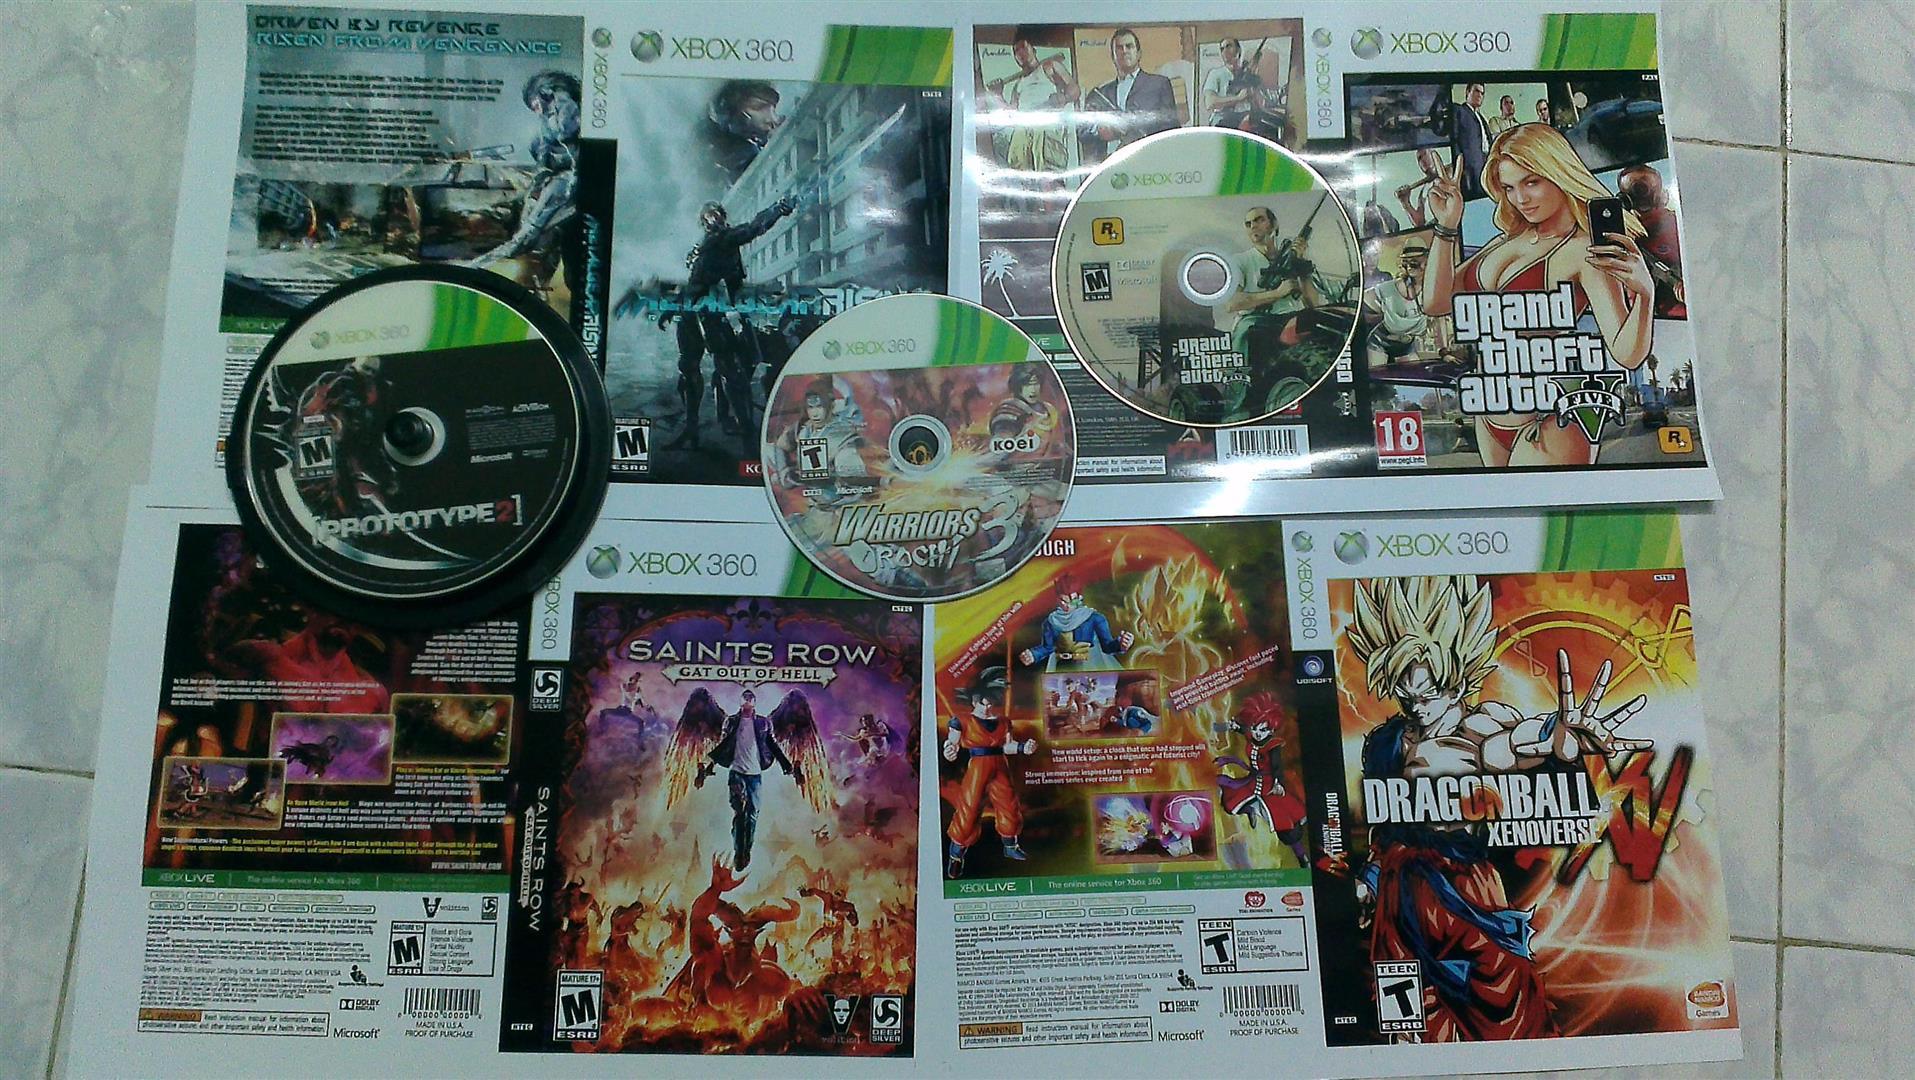 + [HCM] Bán đĩa game Xbox 360 giá 22k/dĩa có tặng khi mua nhiều